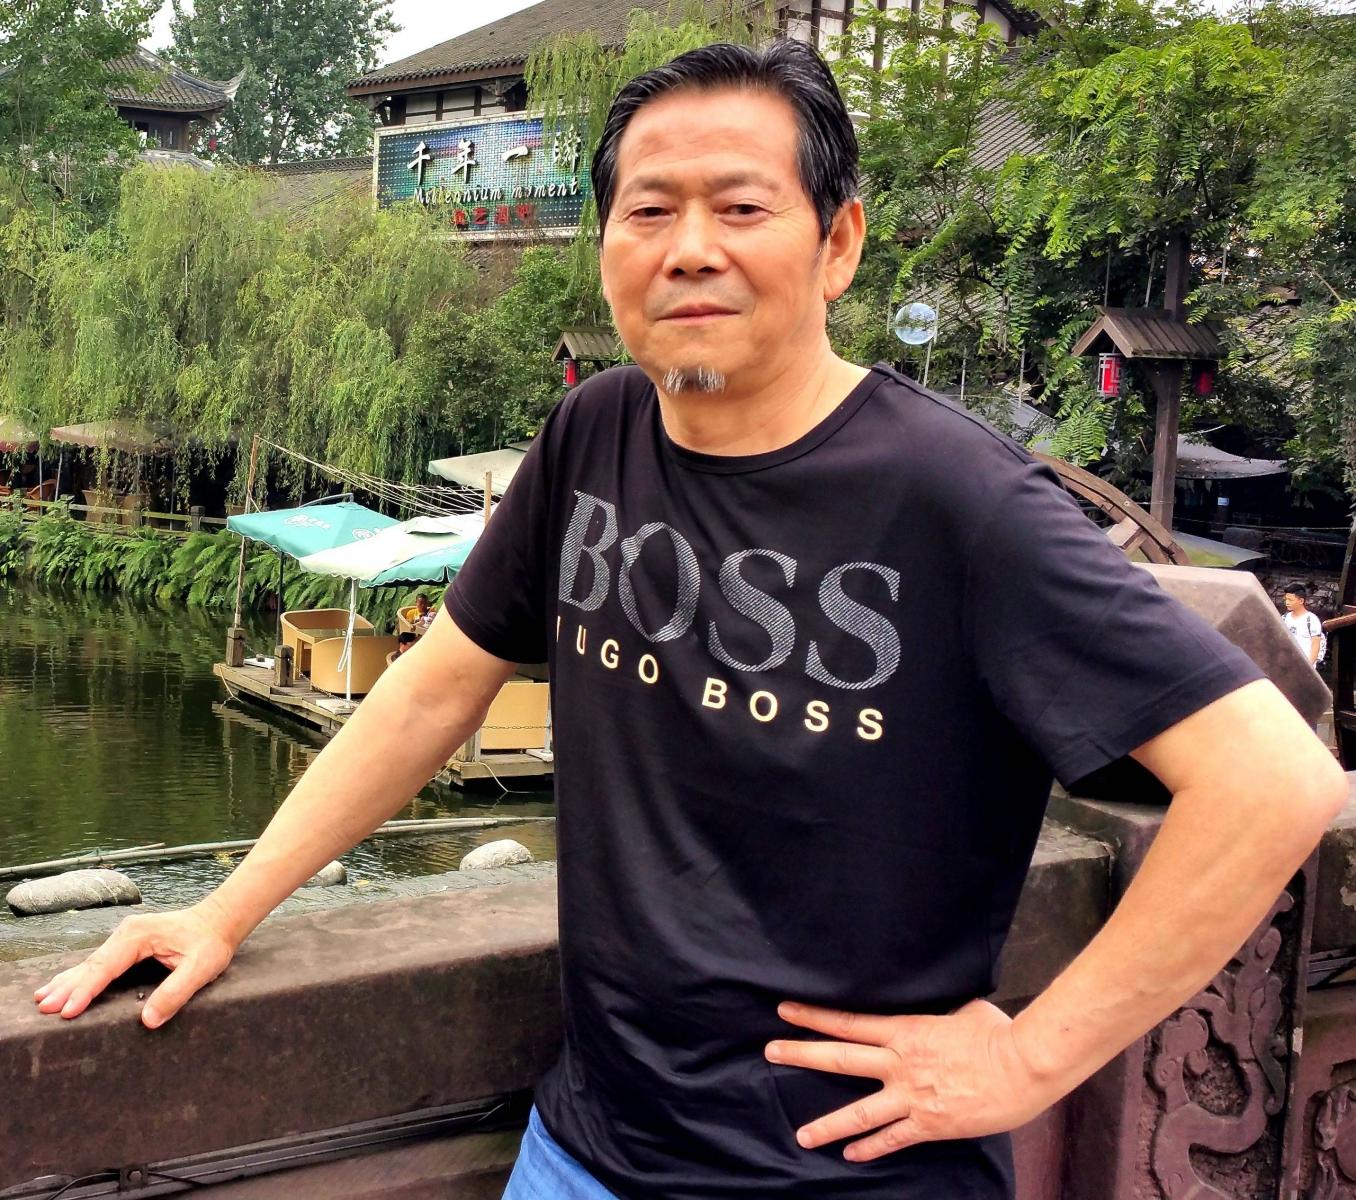 成都画家贾雨被评为最具学术价值艺术家_图1-1